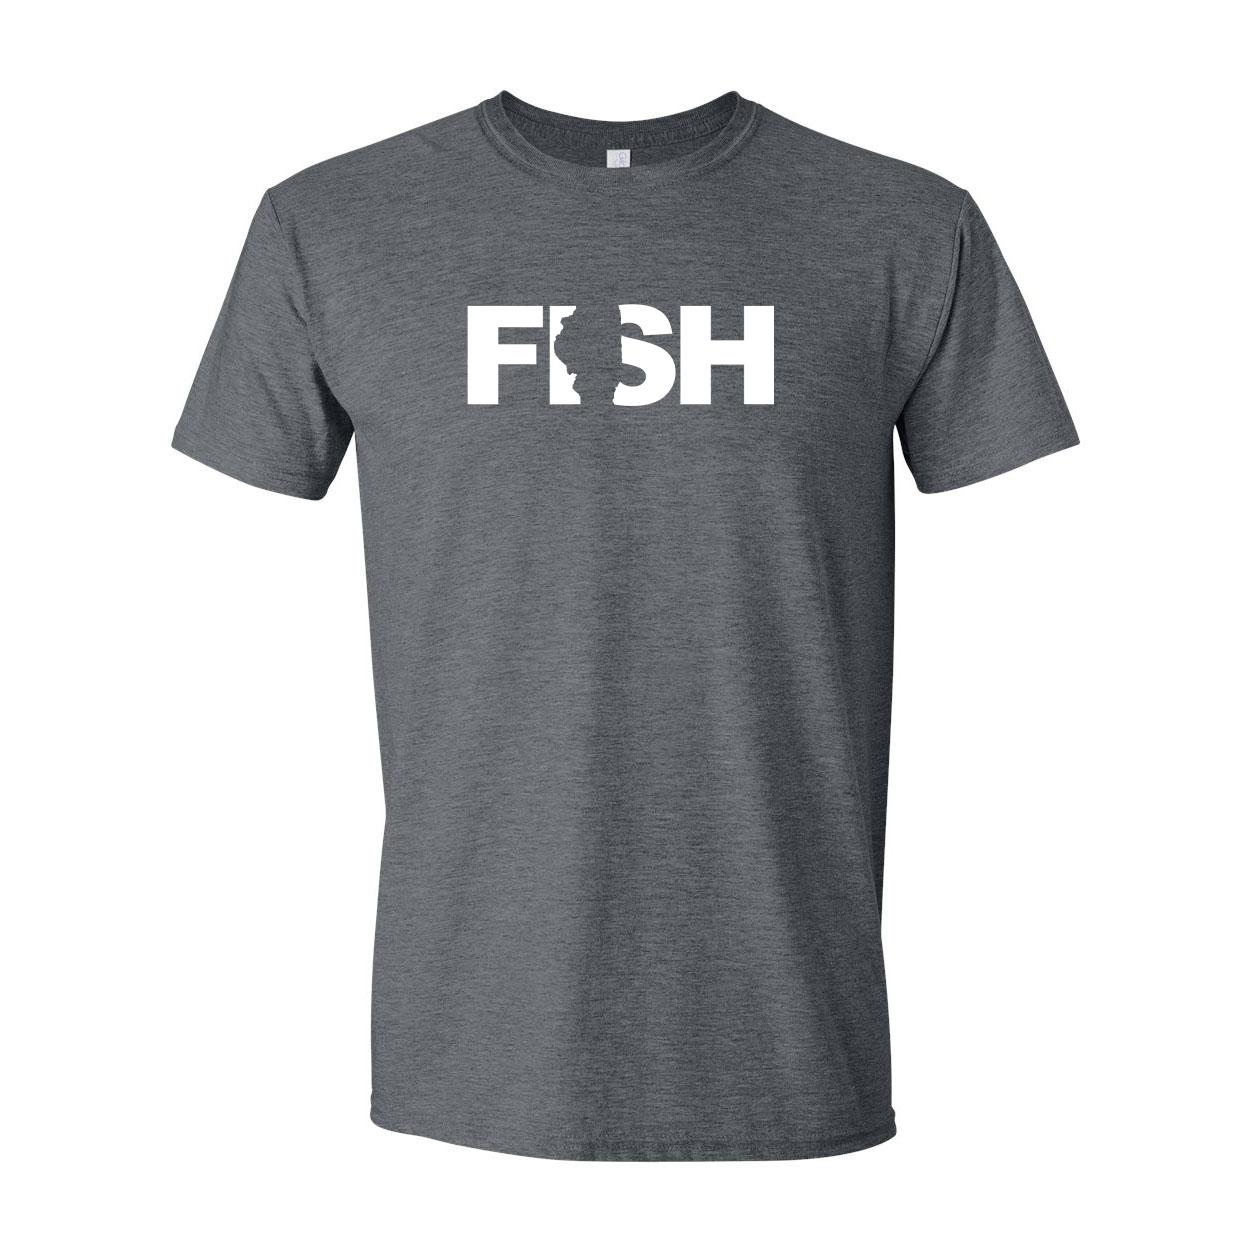 Fish Illinois Classic T-Shirt Dark Heather Gray (White Logo)